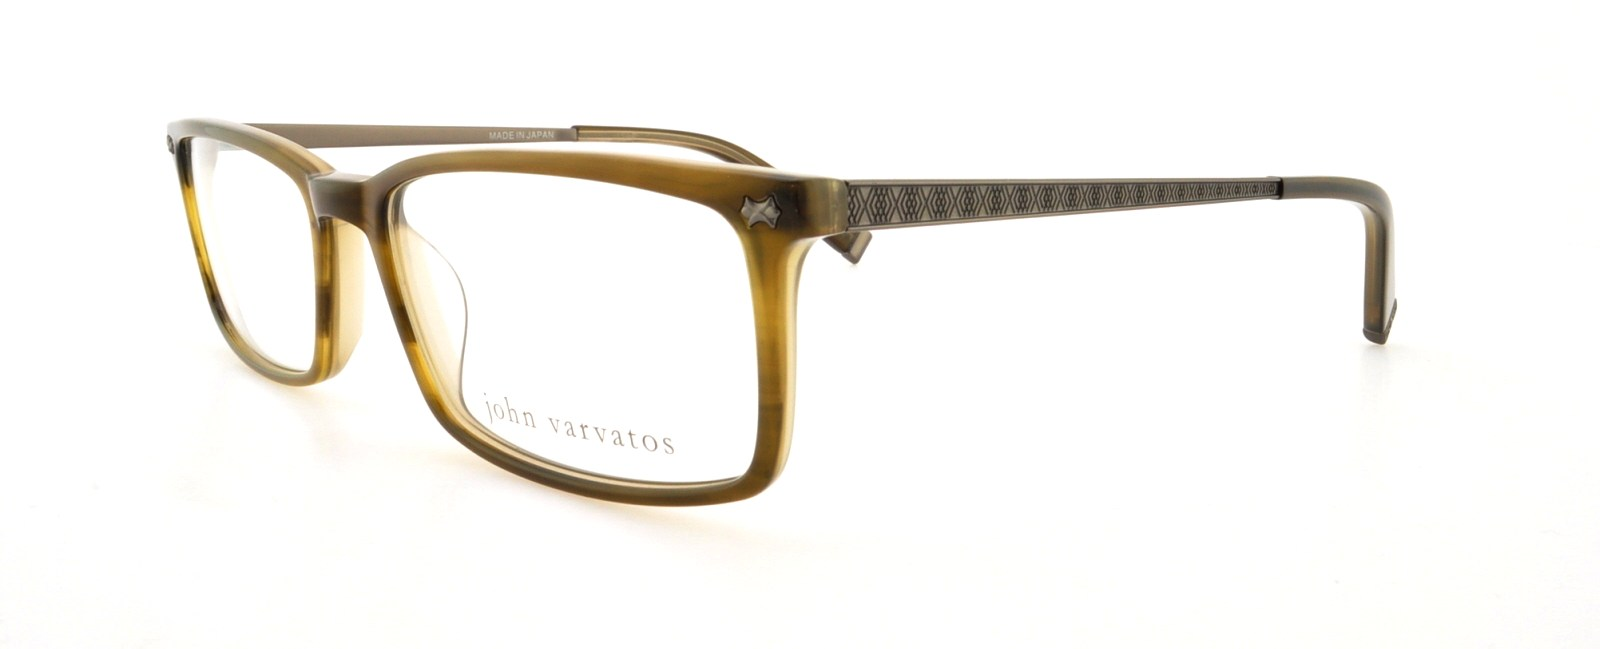 JOHN VARVATOS Eyeglasses V336 Olive 55MM 751286140996   eBay